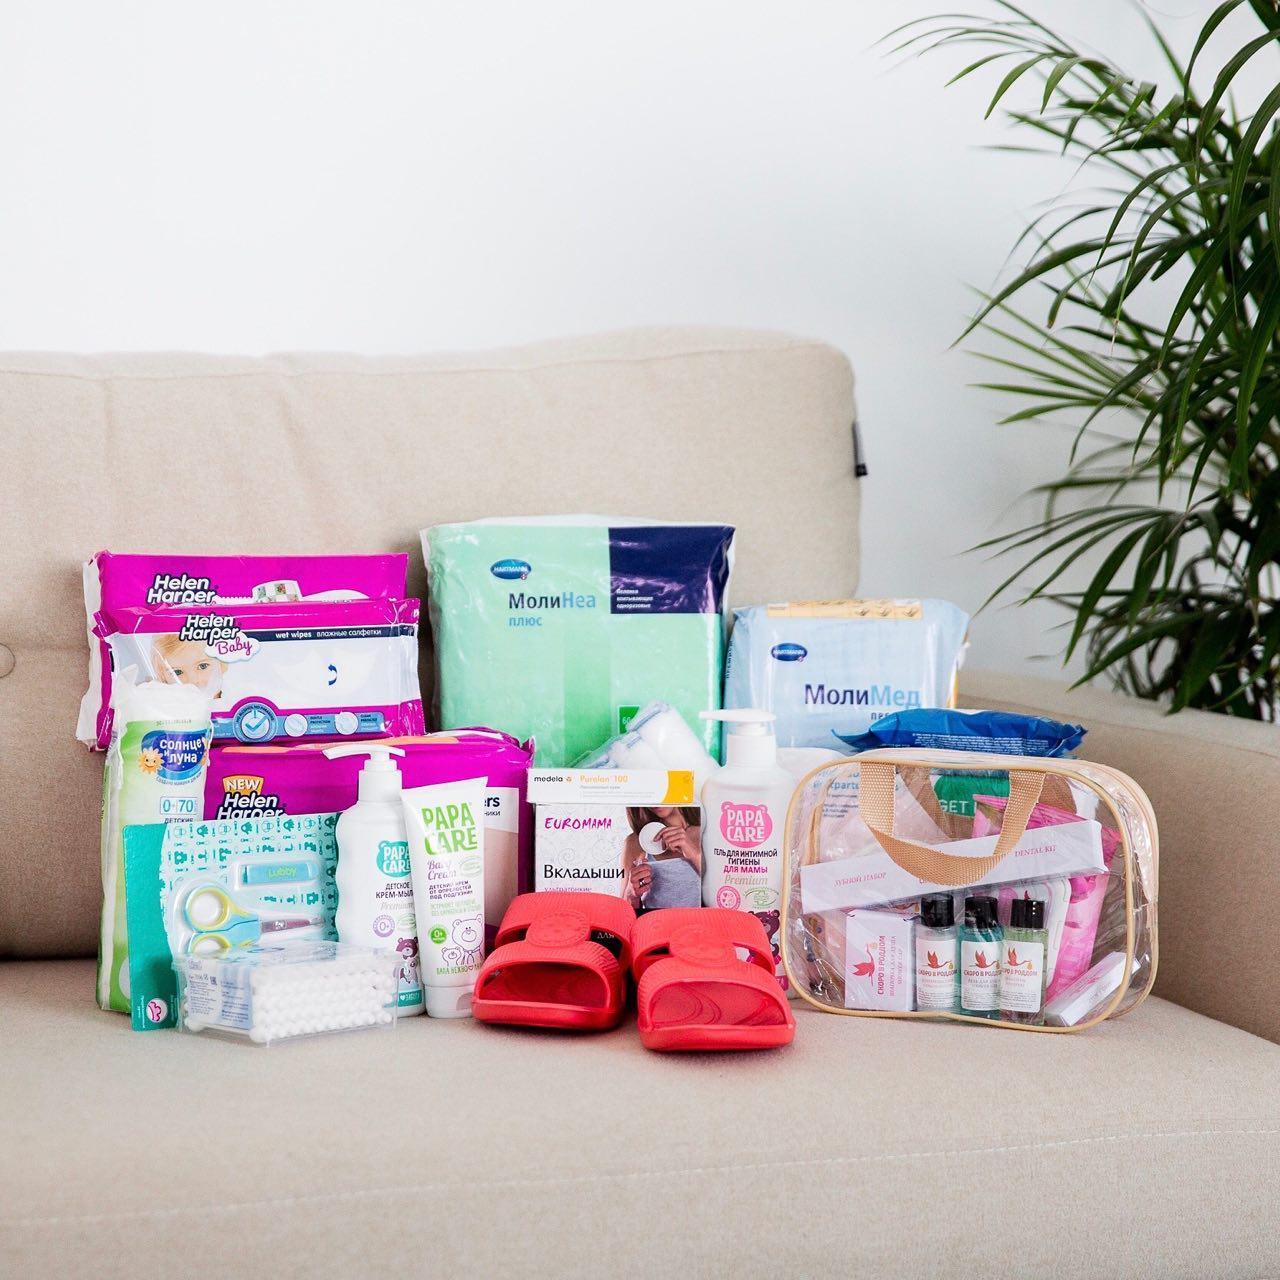 b7bb58ef42a2 ... Готовая сумка в роддом для мамы и малыша КОМФОРТ фото 3